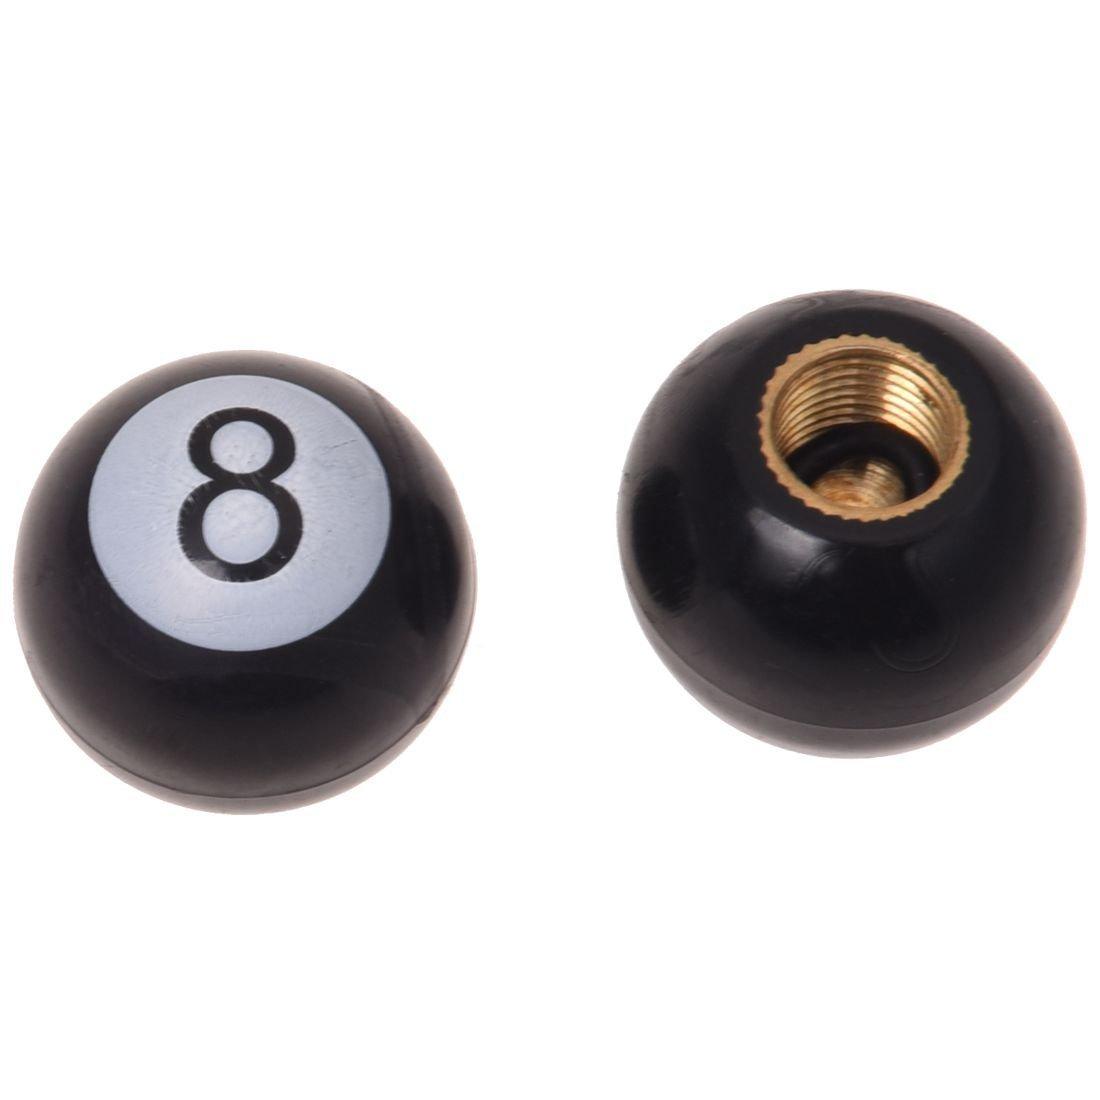 TOOGOO 8 capuchon de soupape spherique Velo noir universel R